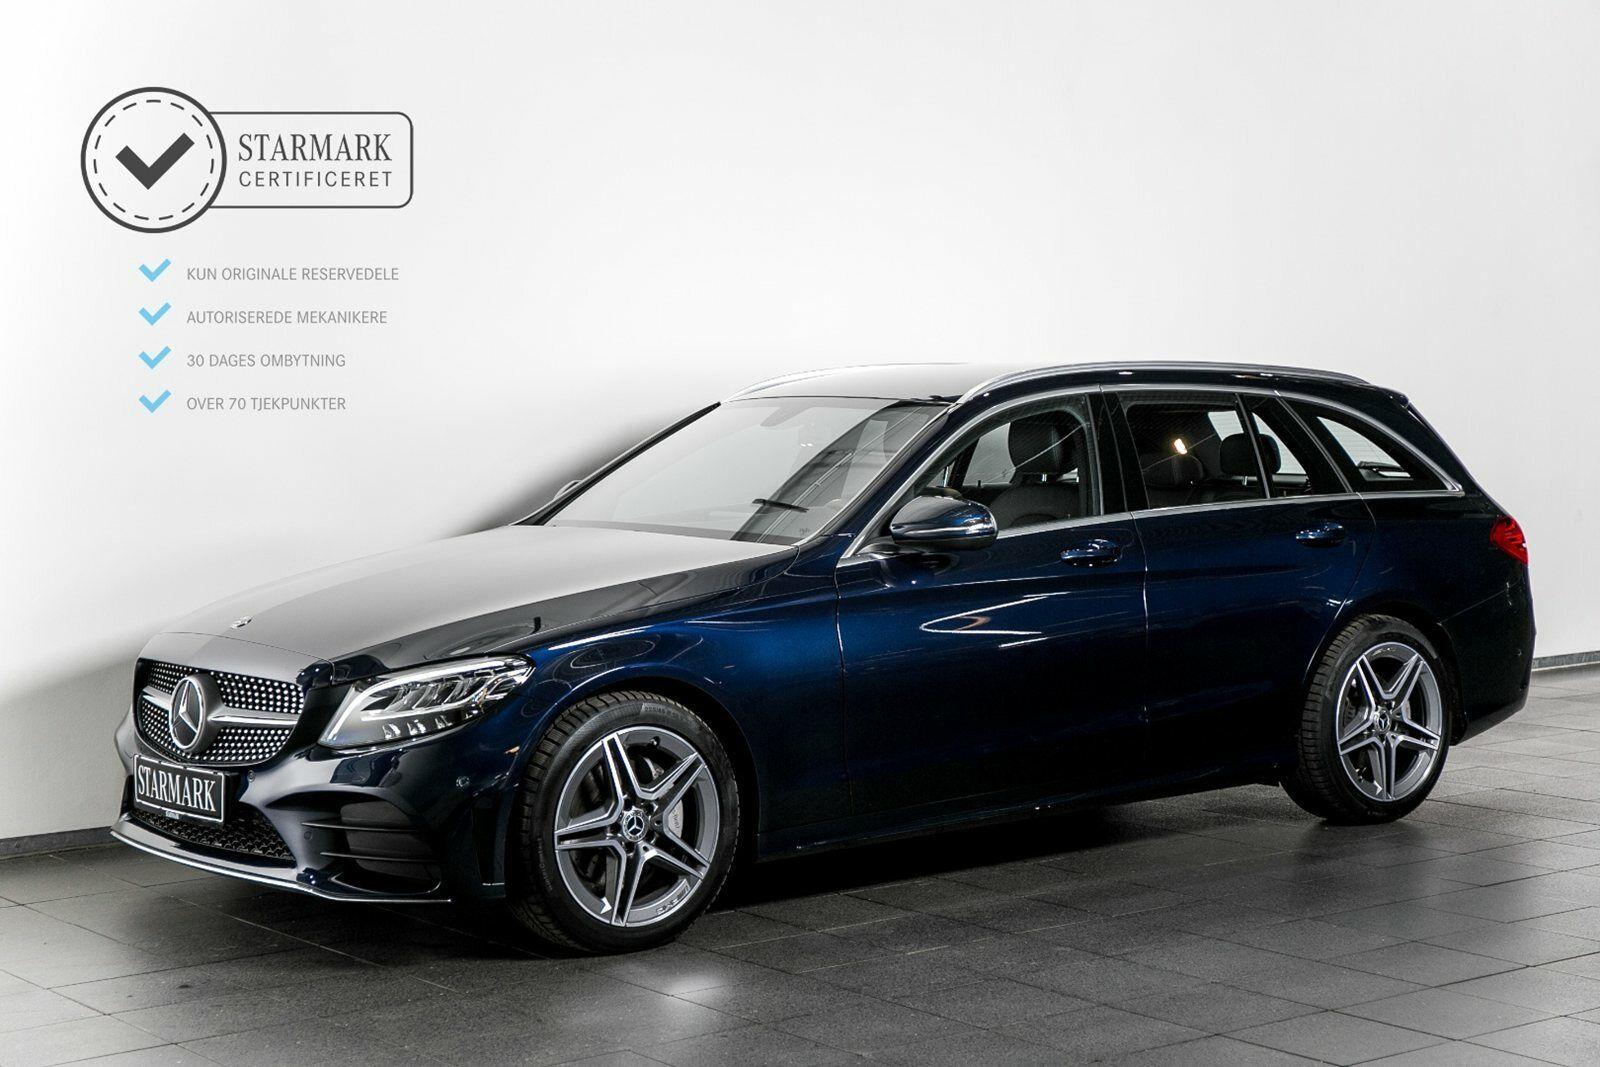 Mercedes C200 1,5 AMG Line stc. aut. 5d - 489.900 kr.